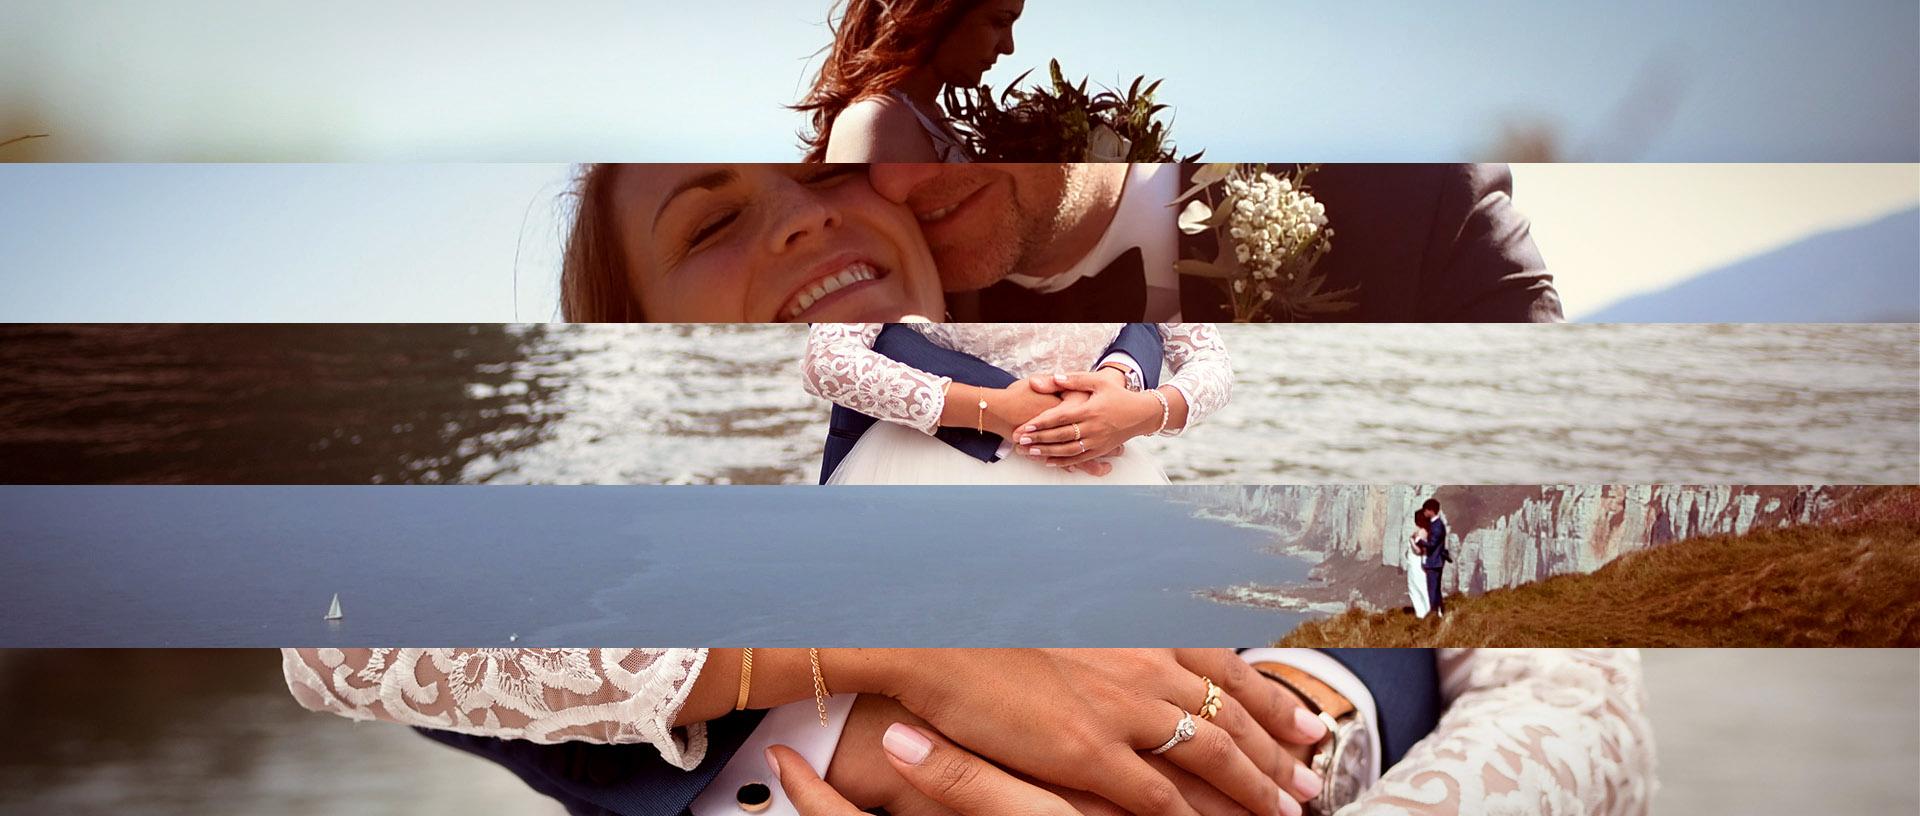 videaste de mariage - film de mariage haut de gamme à reims, paris, france, belgique, luxemboug